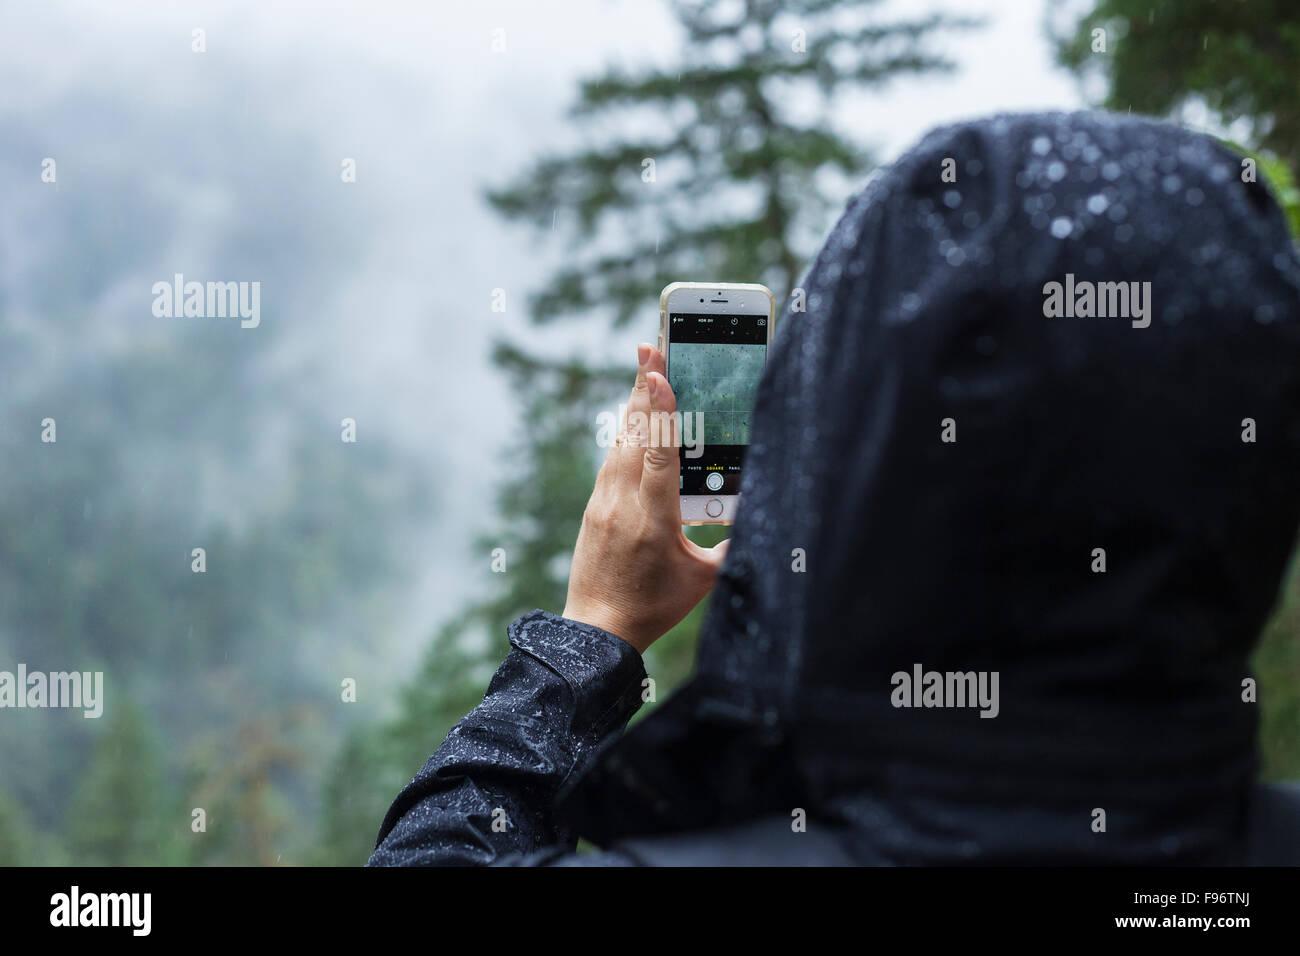 Frau nehmen Foto in den Regen, BC, Kanada Stockbild